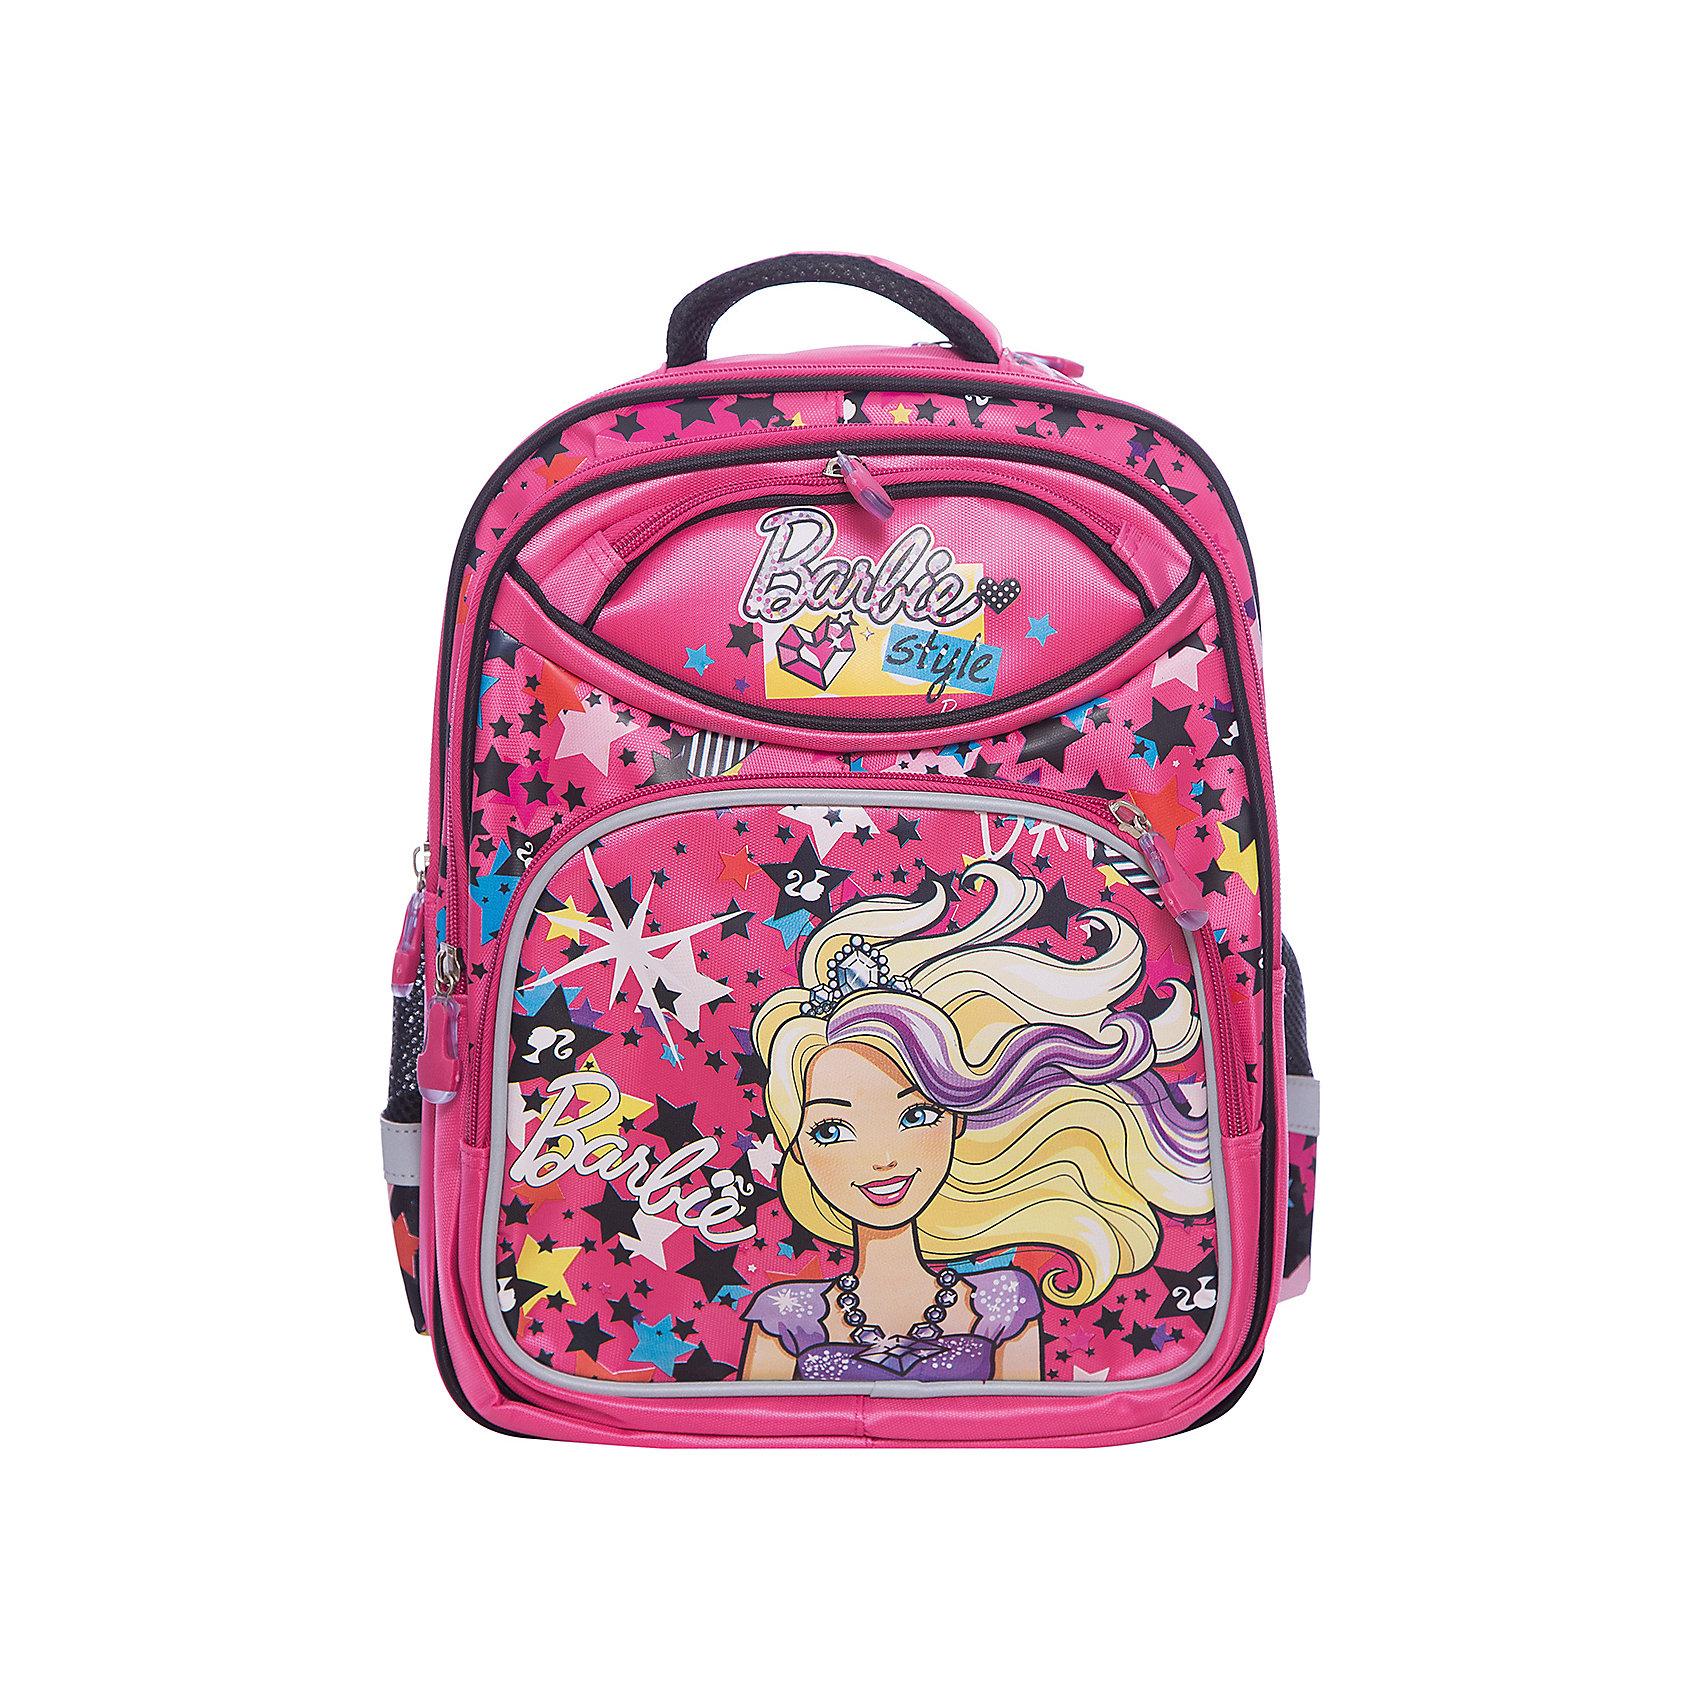 Рюкзак Barbie, LimpopoBarbie<br>2 боковых кармана, 2 передних кармана<br>- Прорезиненная ручка, петля для подвеса<br>- Надежное крепление ручки, зигзагообразная прошивка и металическая заклёпка<br>- Крепление ручек на тесьму с прошивкой крест на крест<br>- 3 отделения<br>- брендированные нашивки и фирменные брелоки<br>- Эргономичная спинка<br>- Регулируемые лямки<br>- световозвращающие элементы по всему периметру рюкзака<br><br>Ширина мм: 390<br>Глубина мм: 340<br>Высота мм: 200<br>Вес г: 920<br>Возраст от месяцев: 72<br>Возраст до месяцев: 168<br>Пол: Женский<br>Возраст: Детский<br>SKU: 5528382